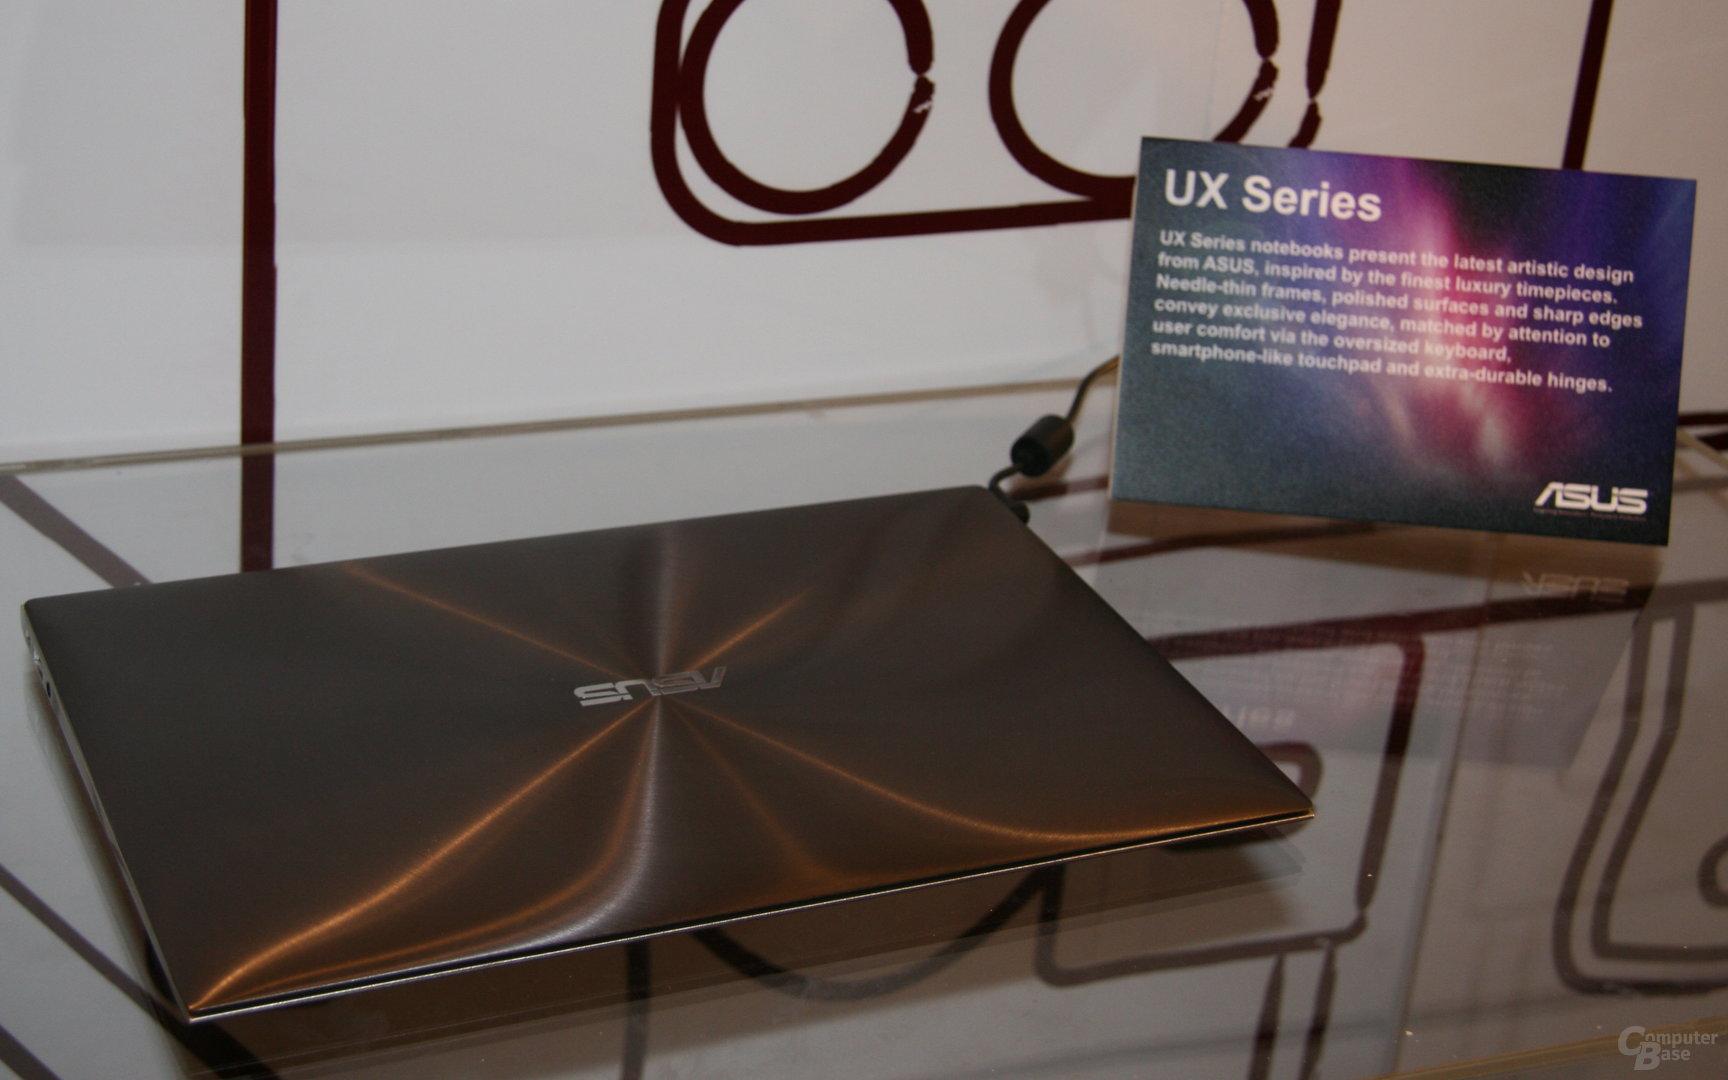 Asus UX Series